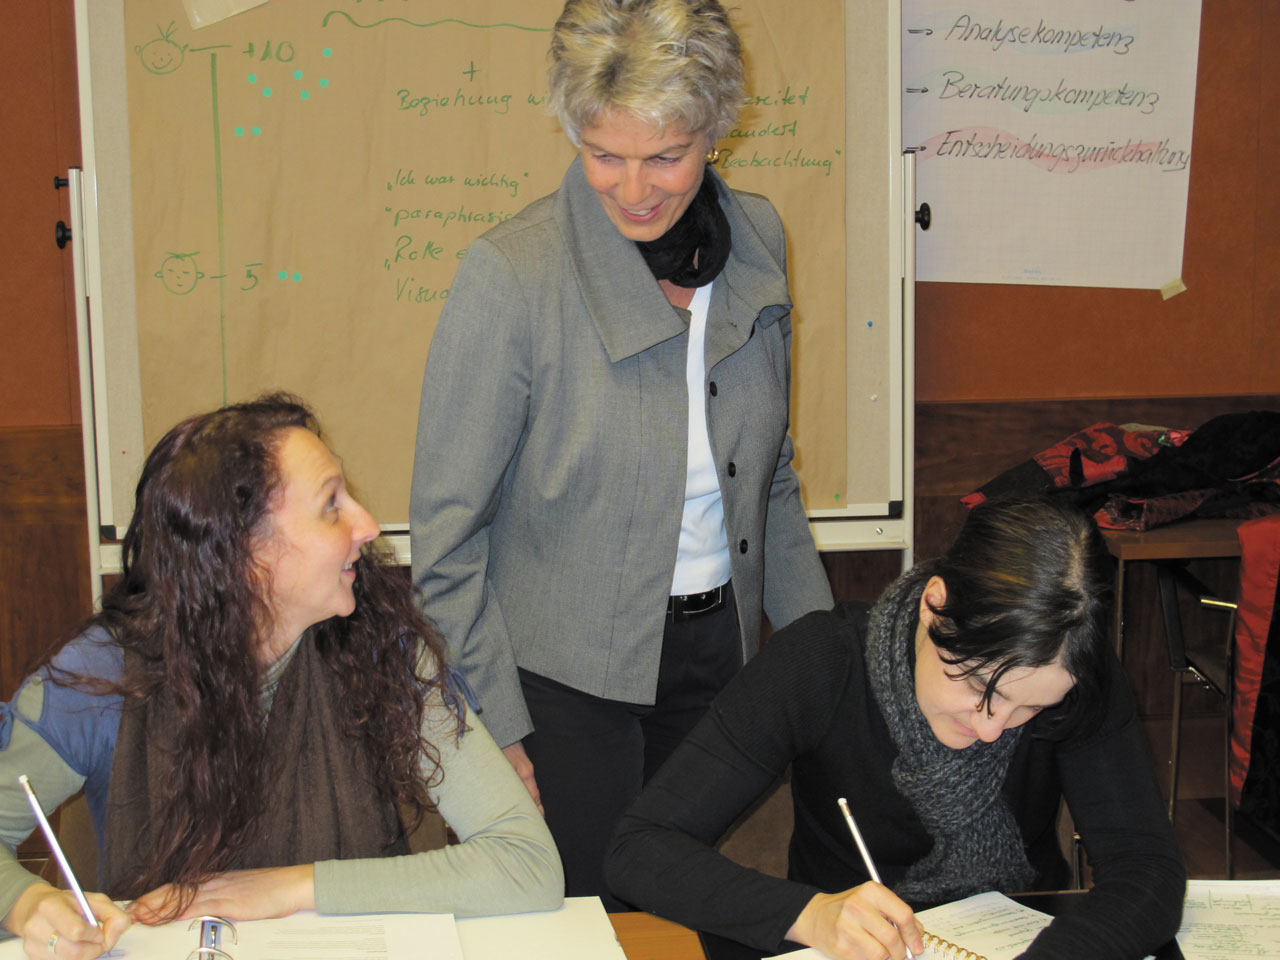 Gruppenarbeit mit Brigitte Witzig Coaching